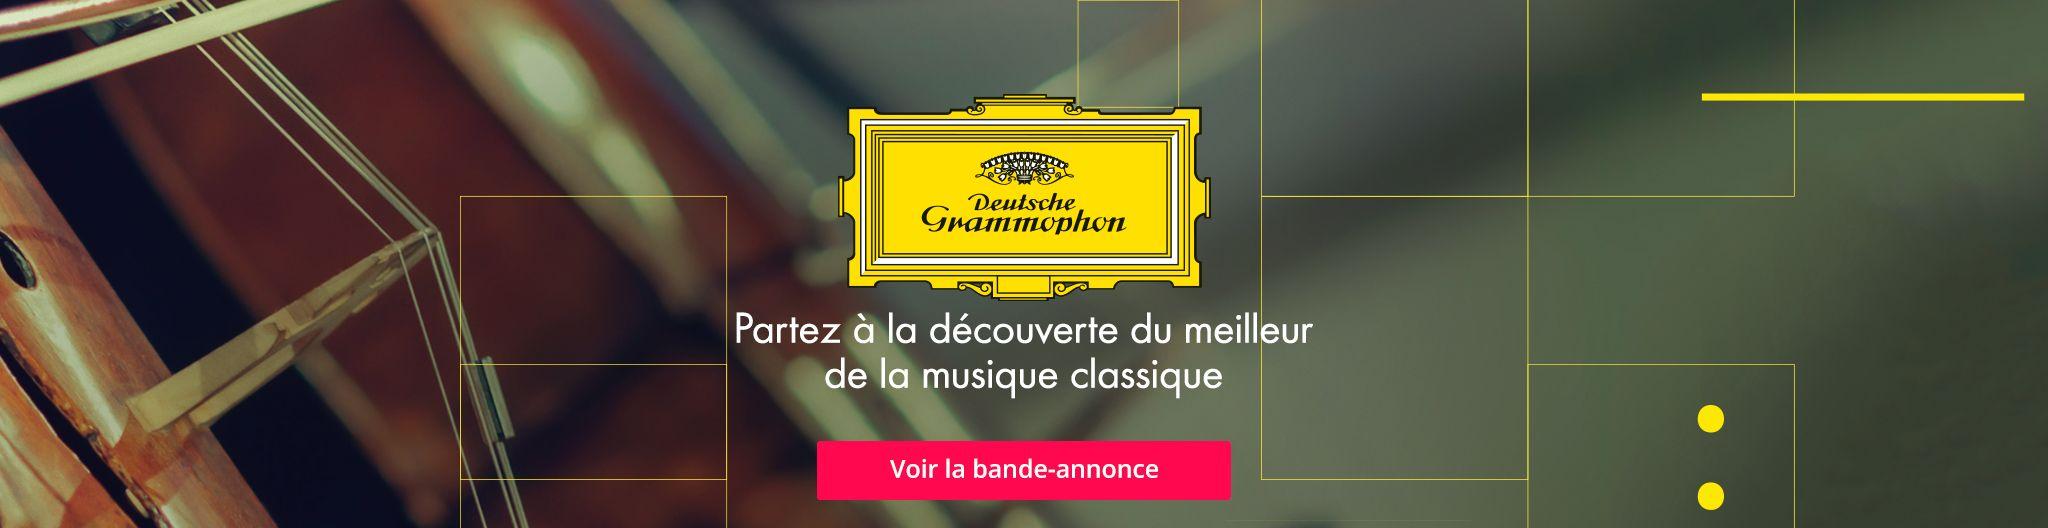 Deutsche Grammophon+